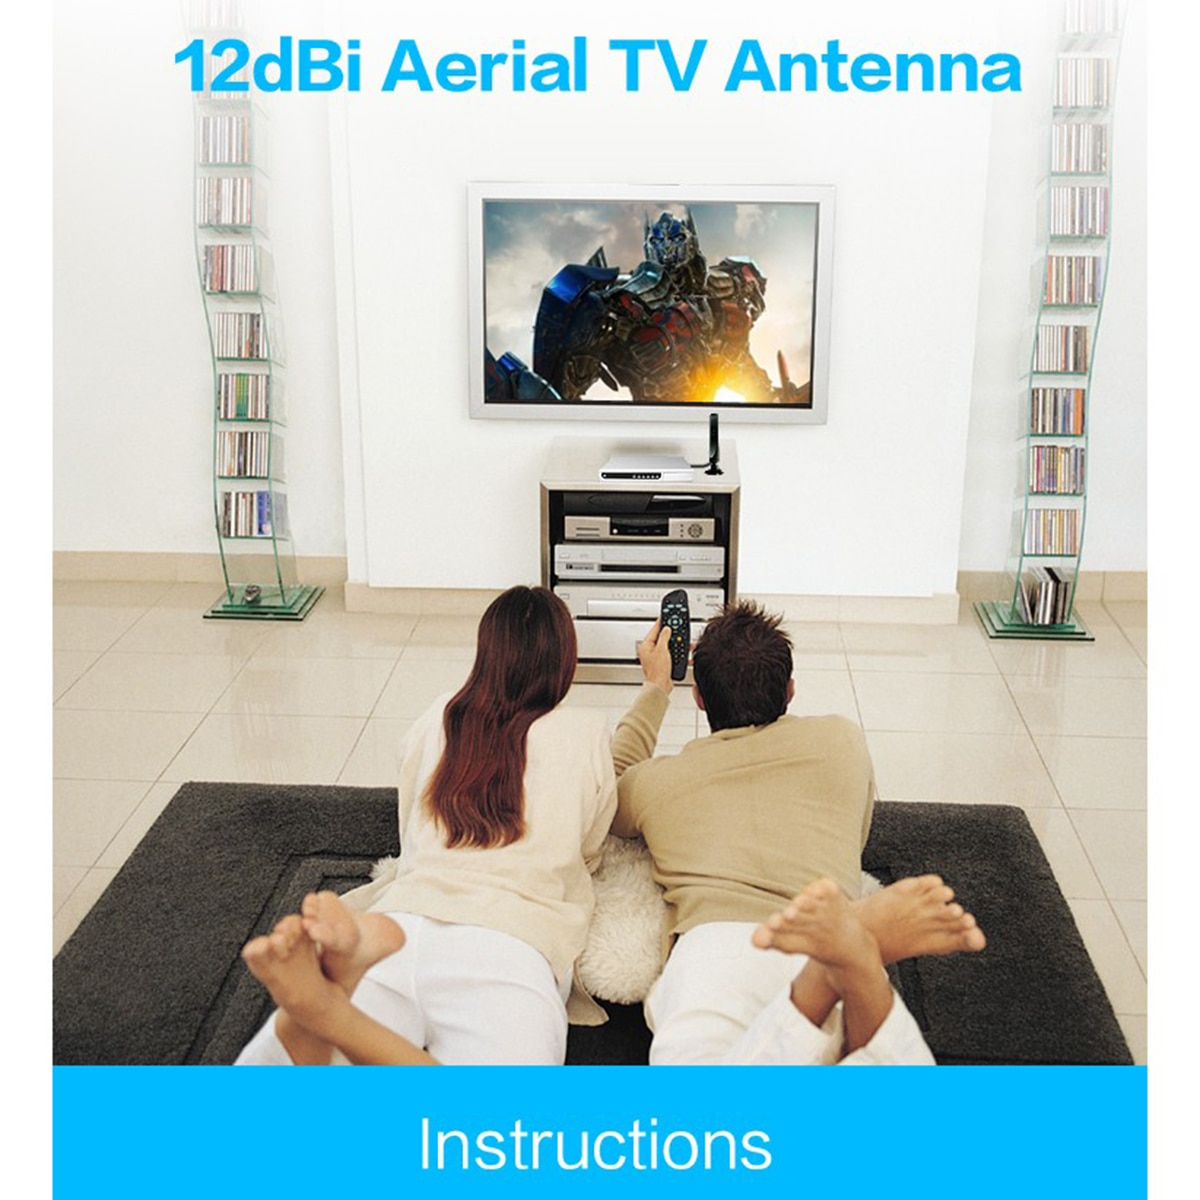 Antenne de télévision aérienne intérieure 12dbi à Gain élevé pour DVB-T TV HDTV numérique freevia HDTV numérique, Booster de Signal